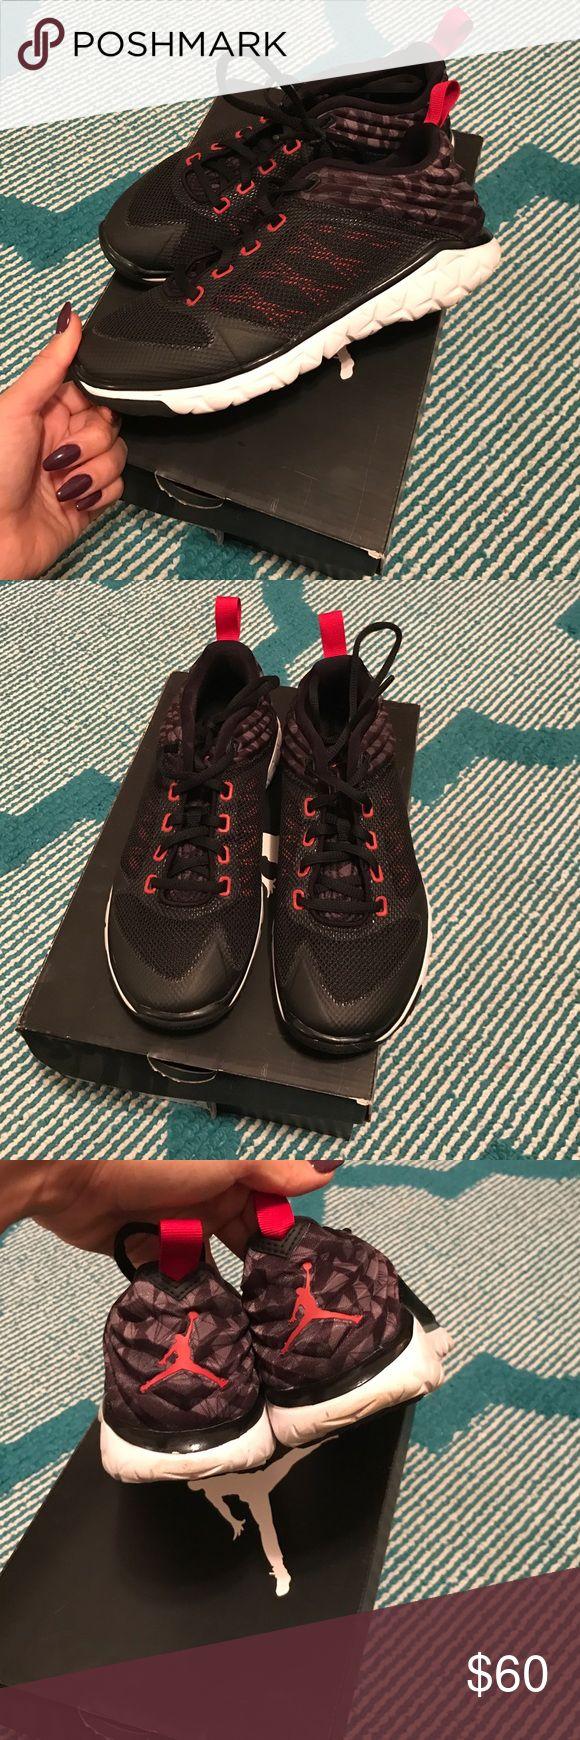 Jordan trainers Excellent condition Jordan flight flex trainers. Grade school size 5.5/Women's 7 Jordan Shoes Athletic Shoes